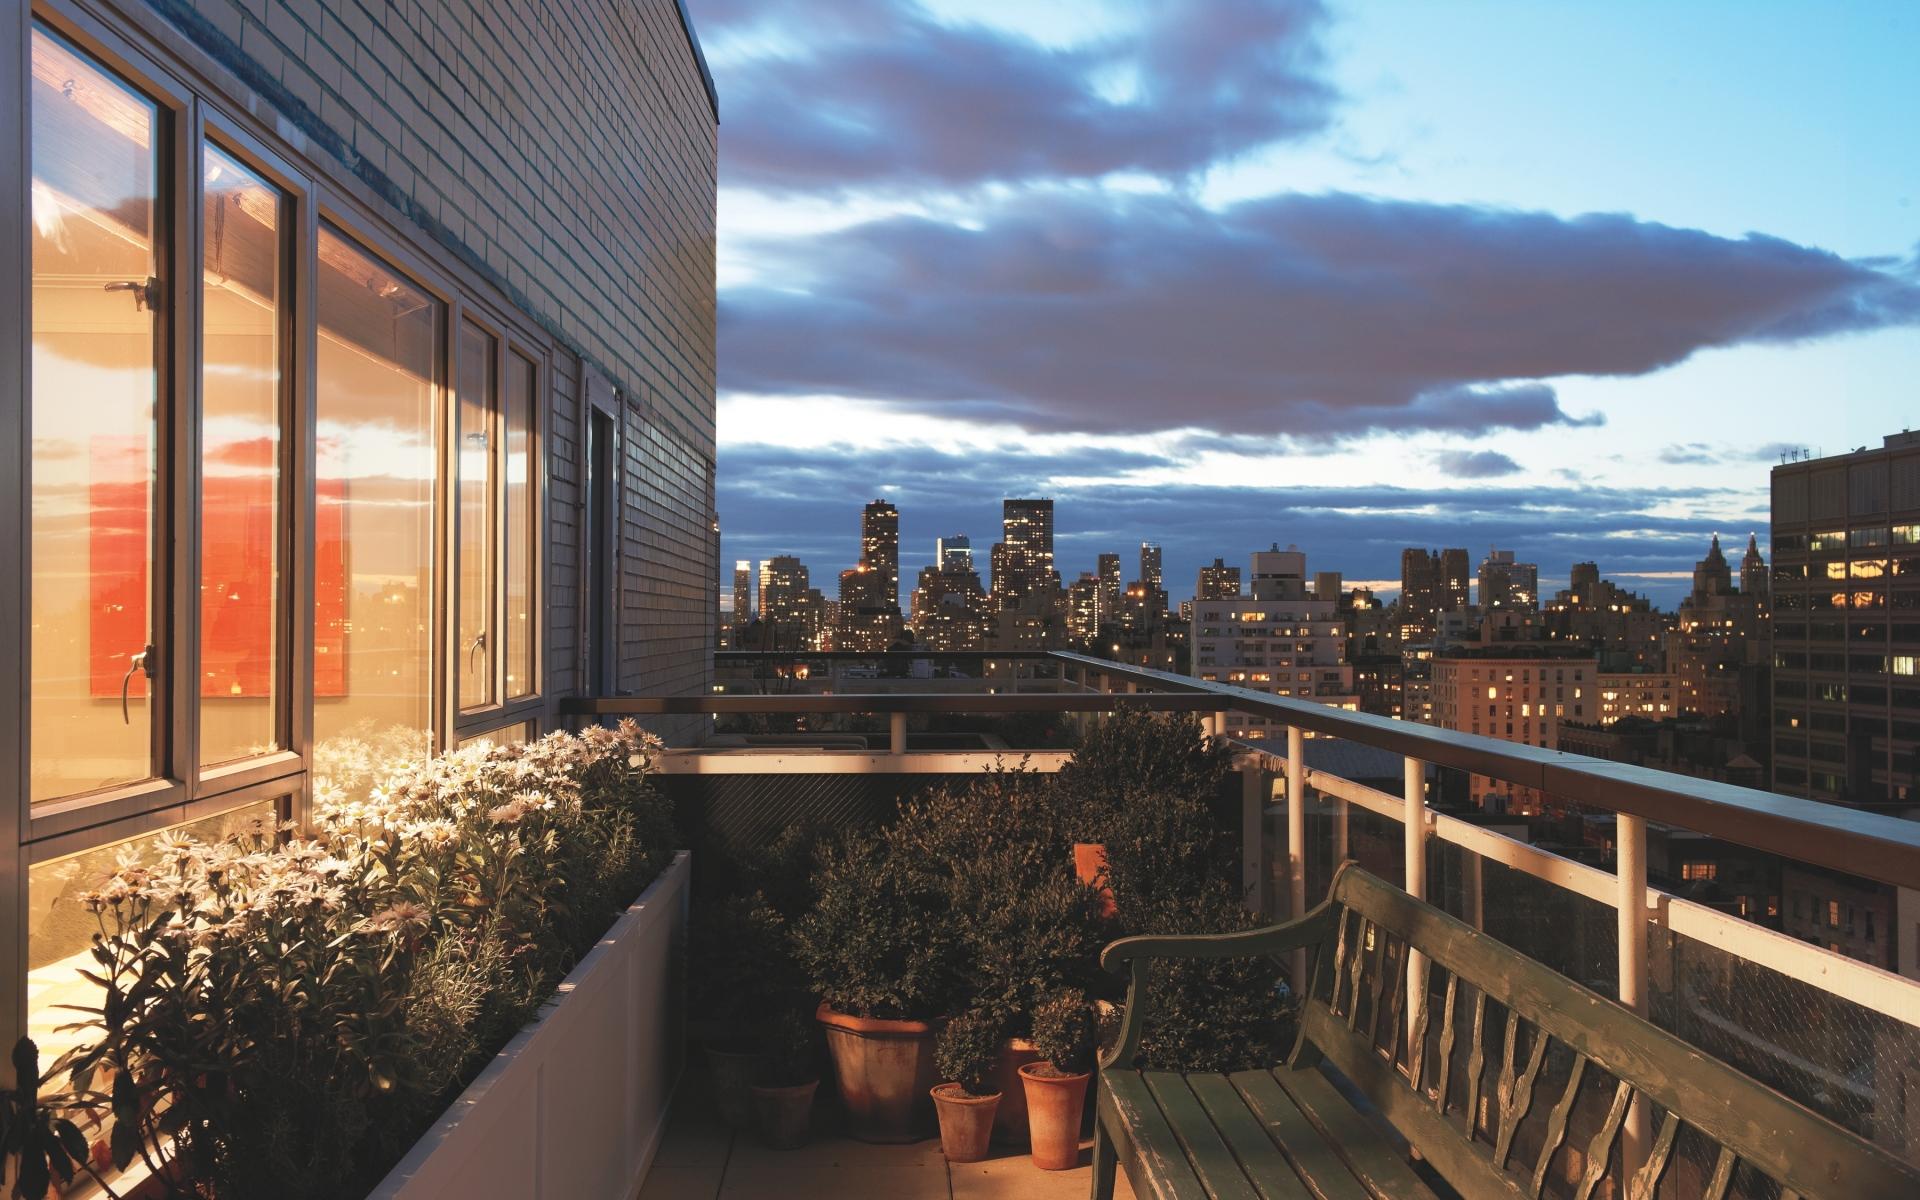 Картинки интерьер, дизайн, стиль, мегаполис, городская квартира, жилая площадь, балкон фото и обои на рабочий стол